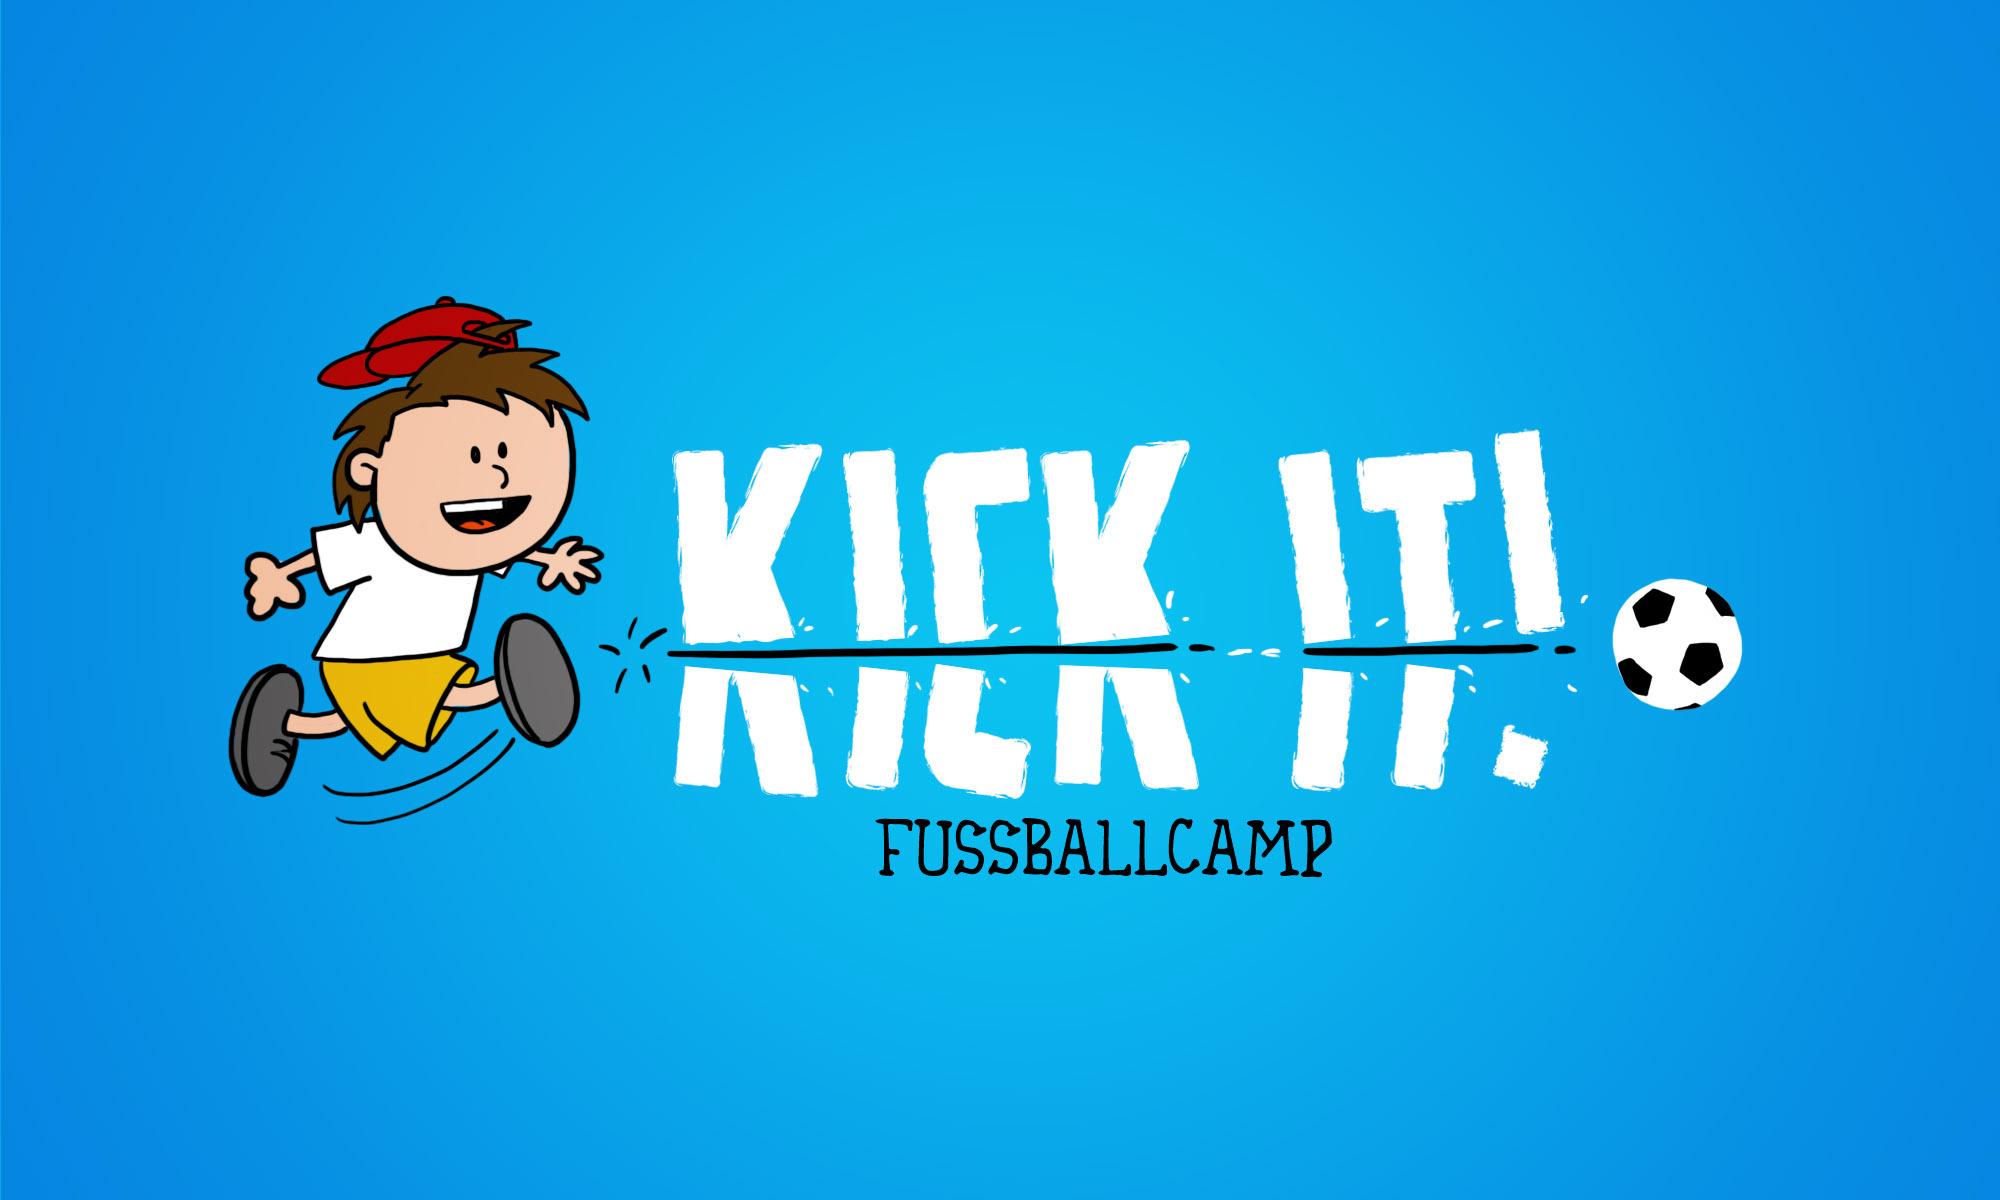 kickitneu1